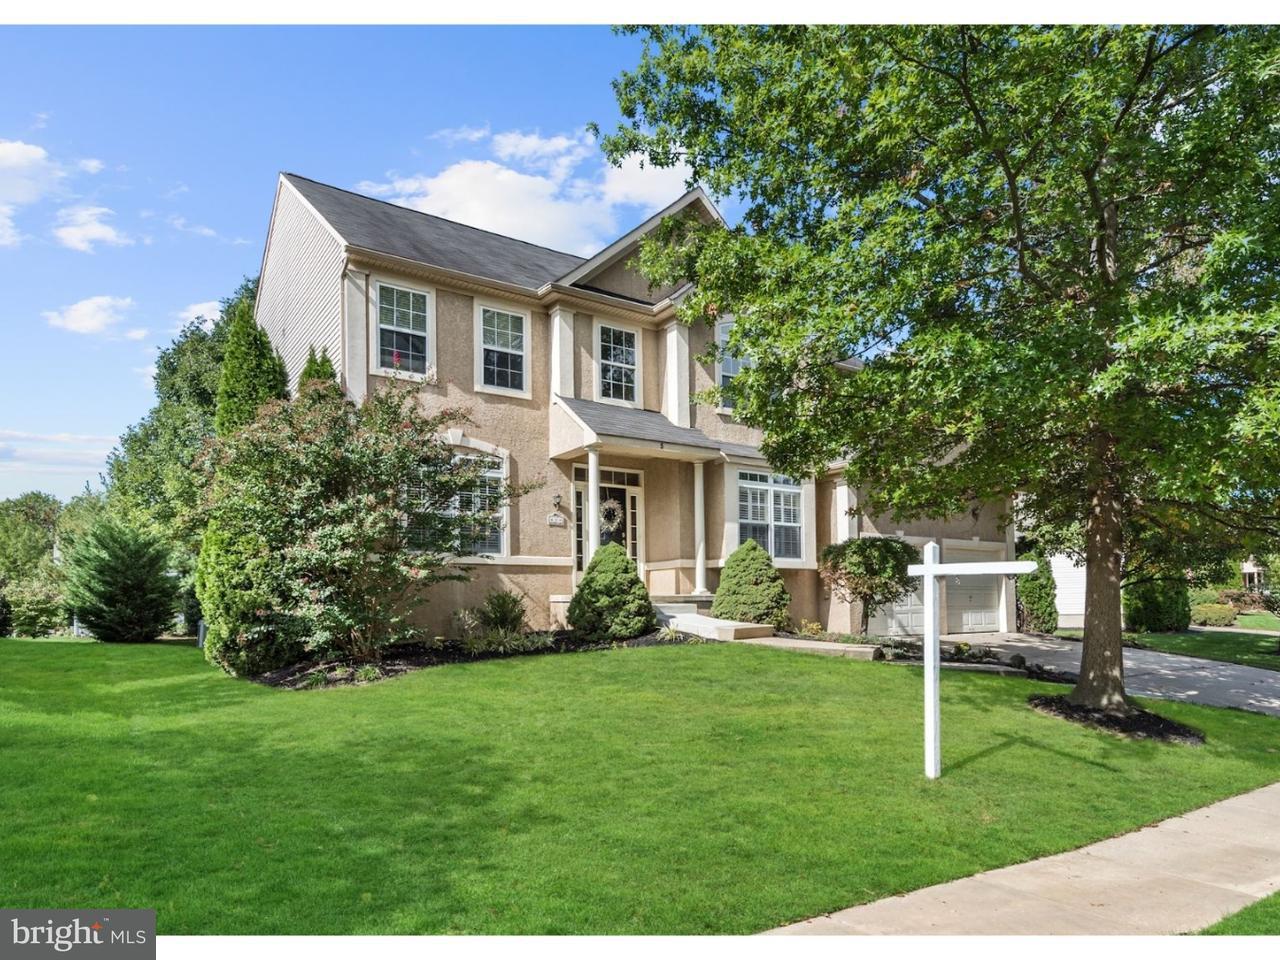 Appartement en copropriété pour l Vente à 5 ASCOT Drive Cinnaminson, New Jersey 08077 États-Unis